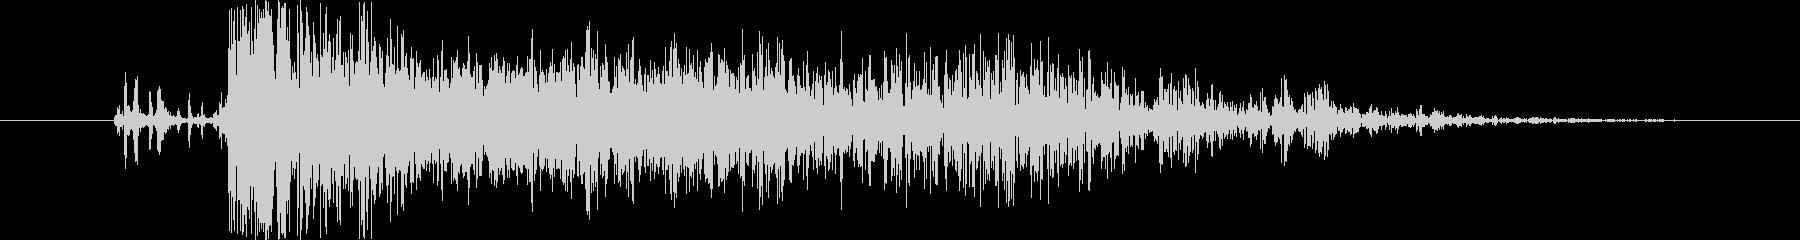 中世 ボウショットファイア06の未再生の波形